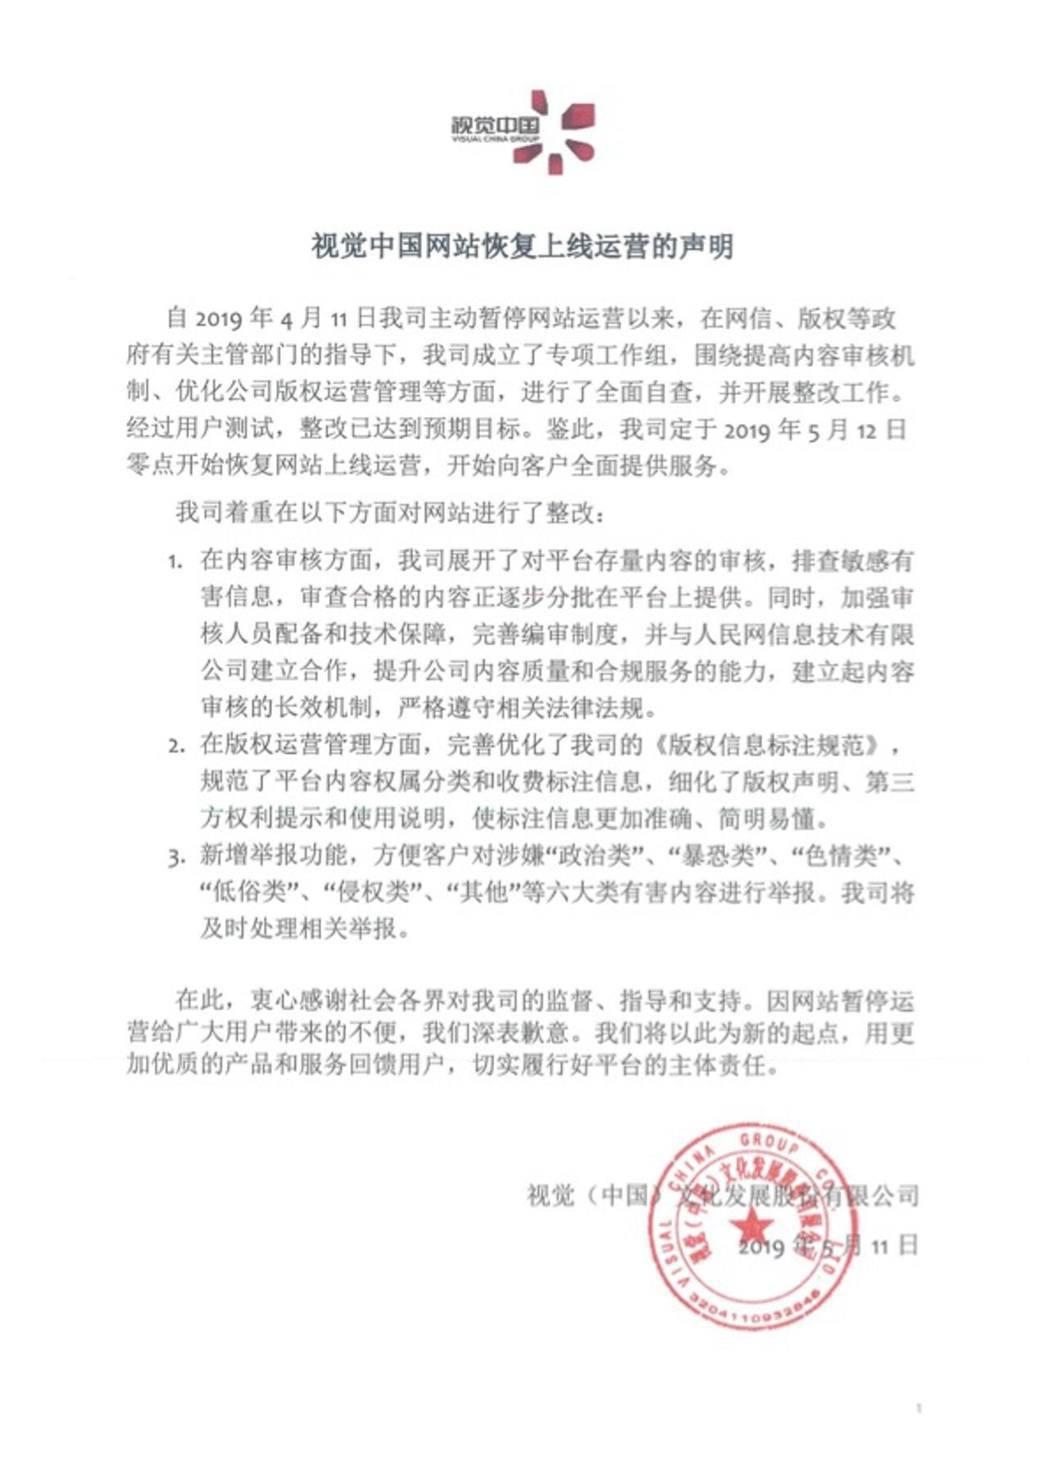 視覺中國發布聲明宣布網站重開。(視覺中國網站)